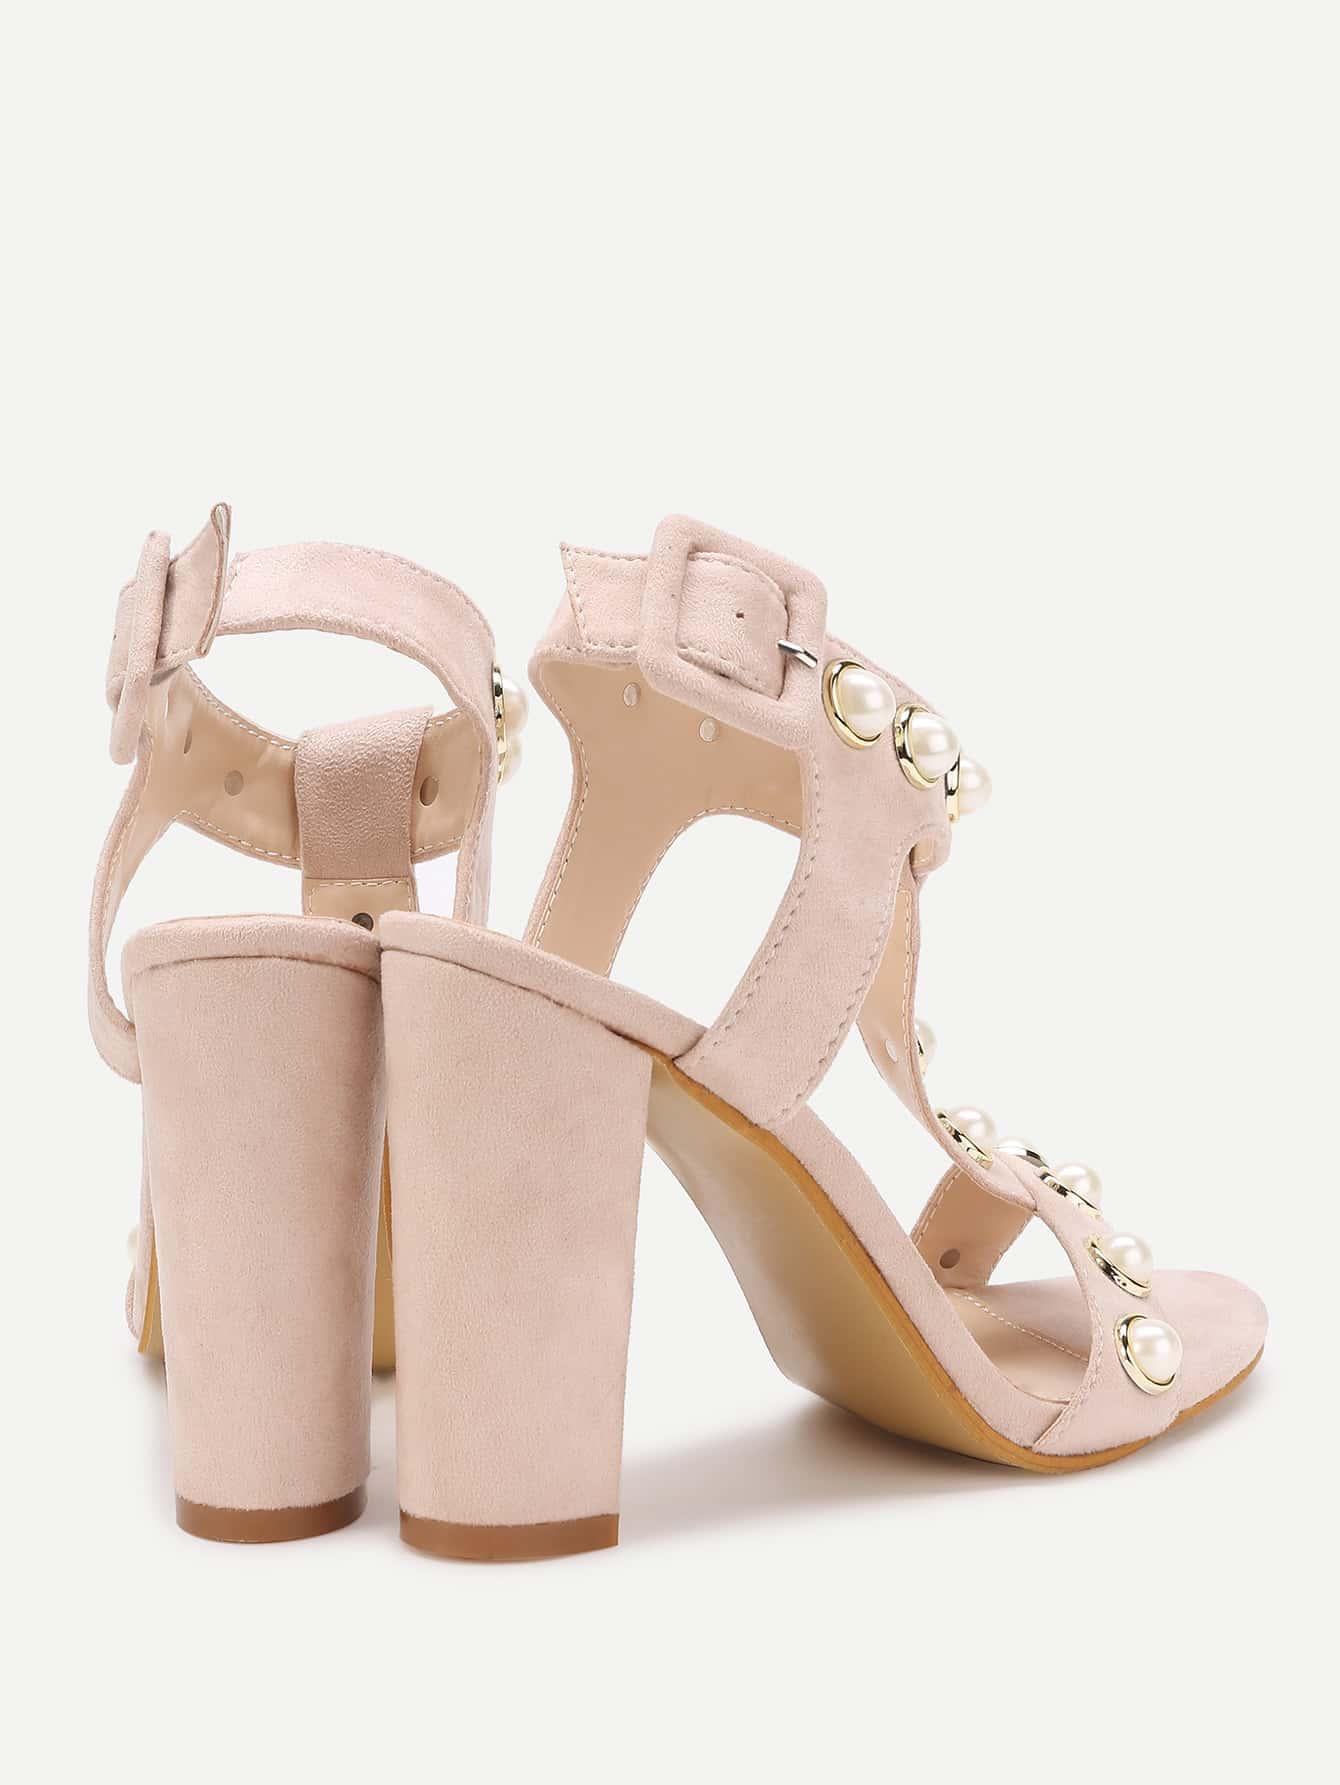 shoes170504823_2